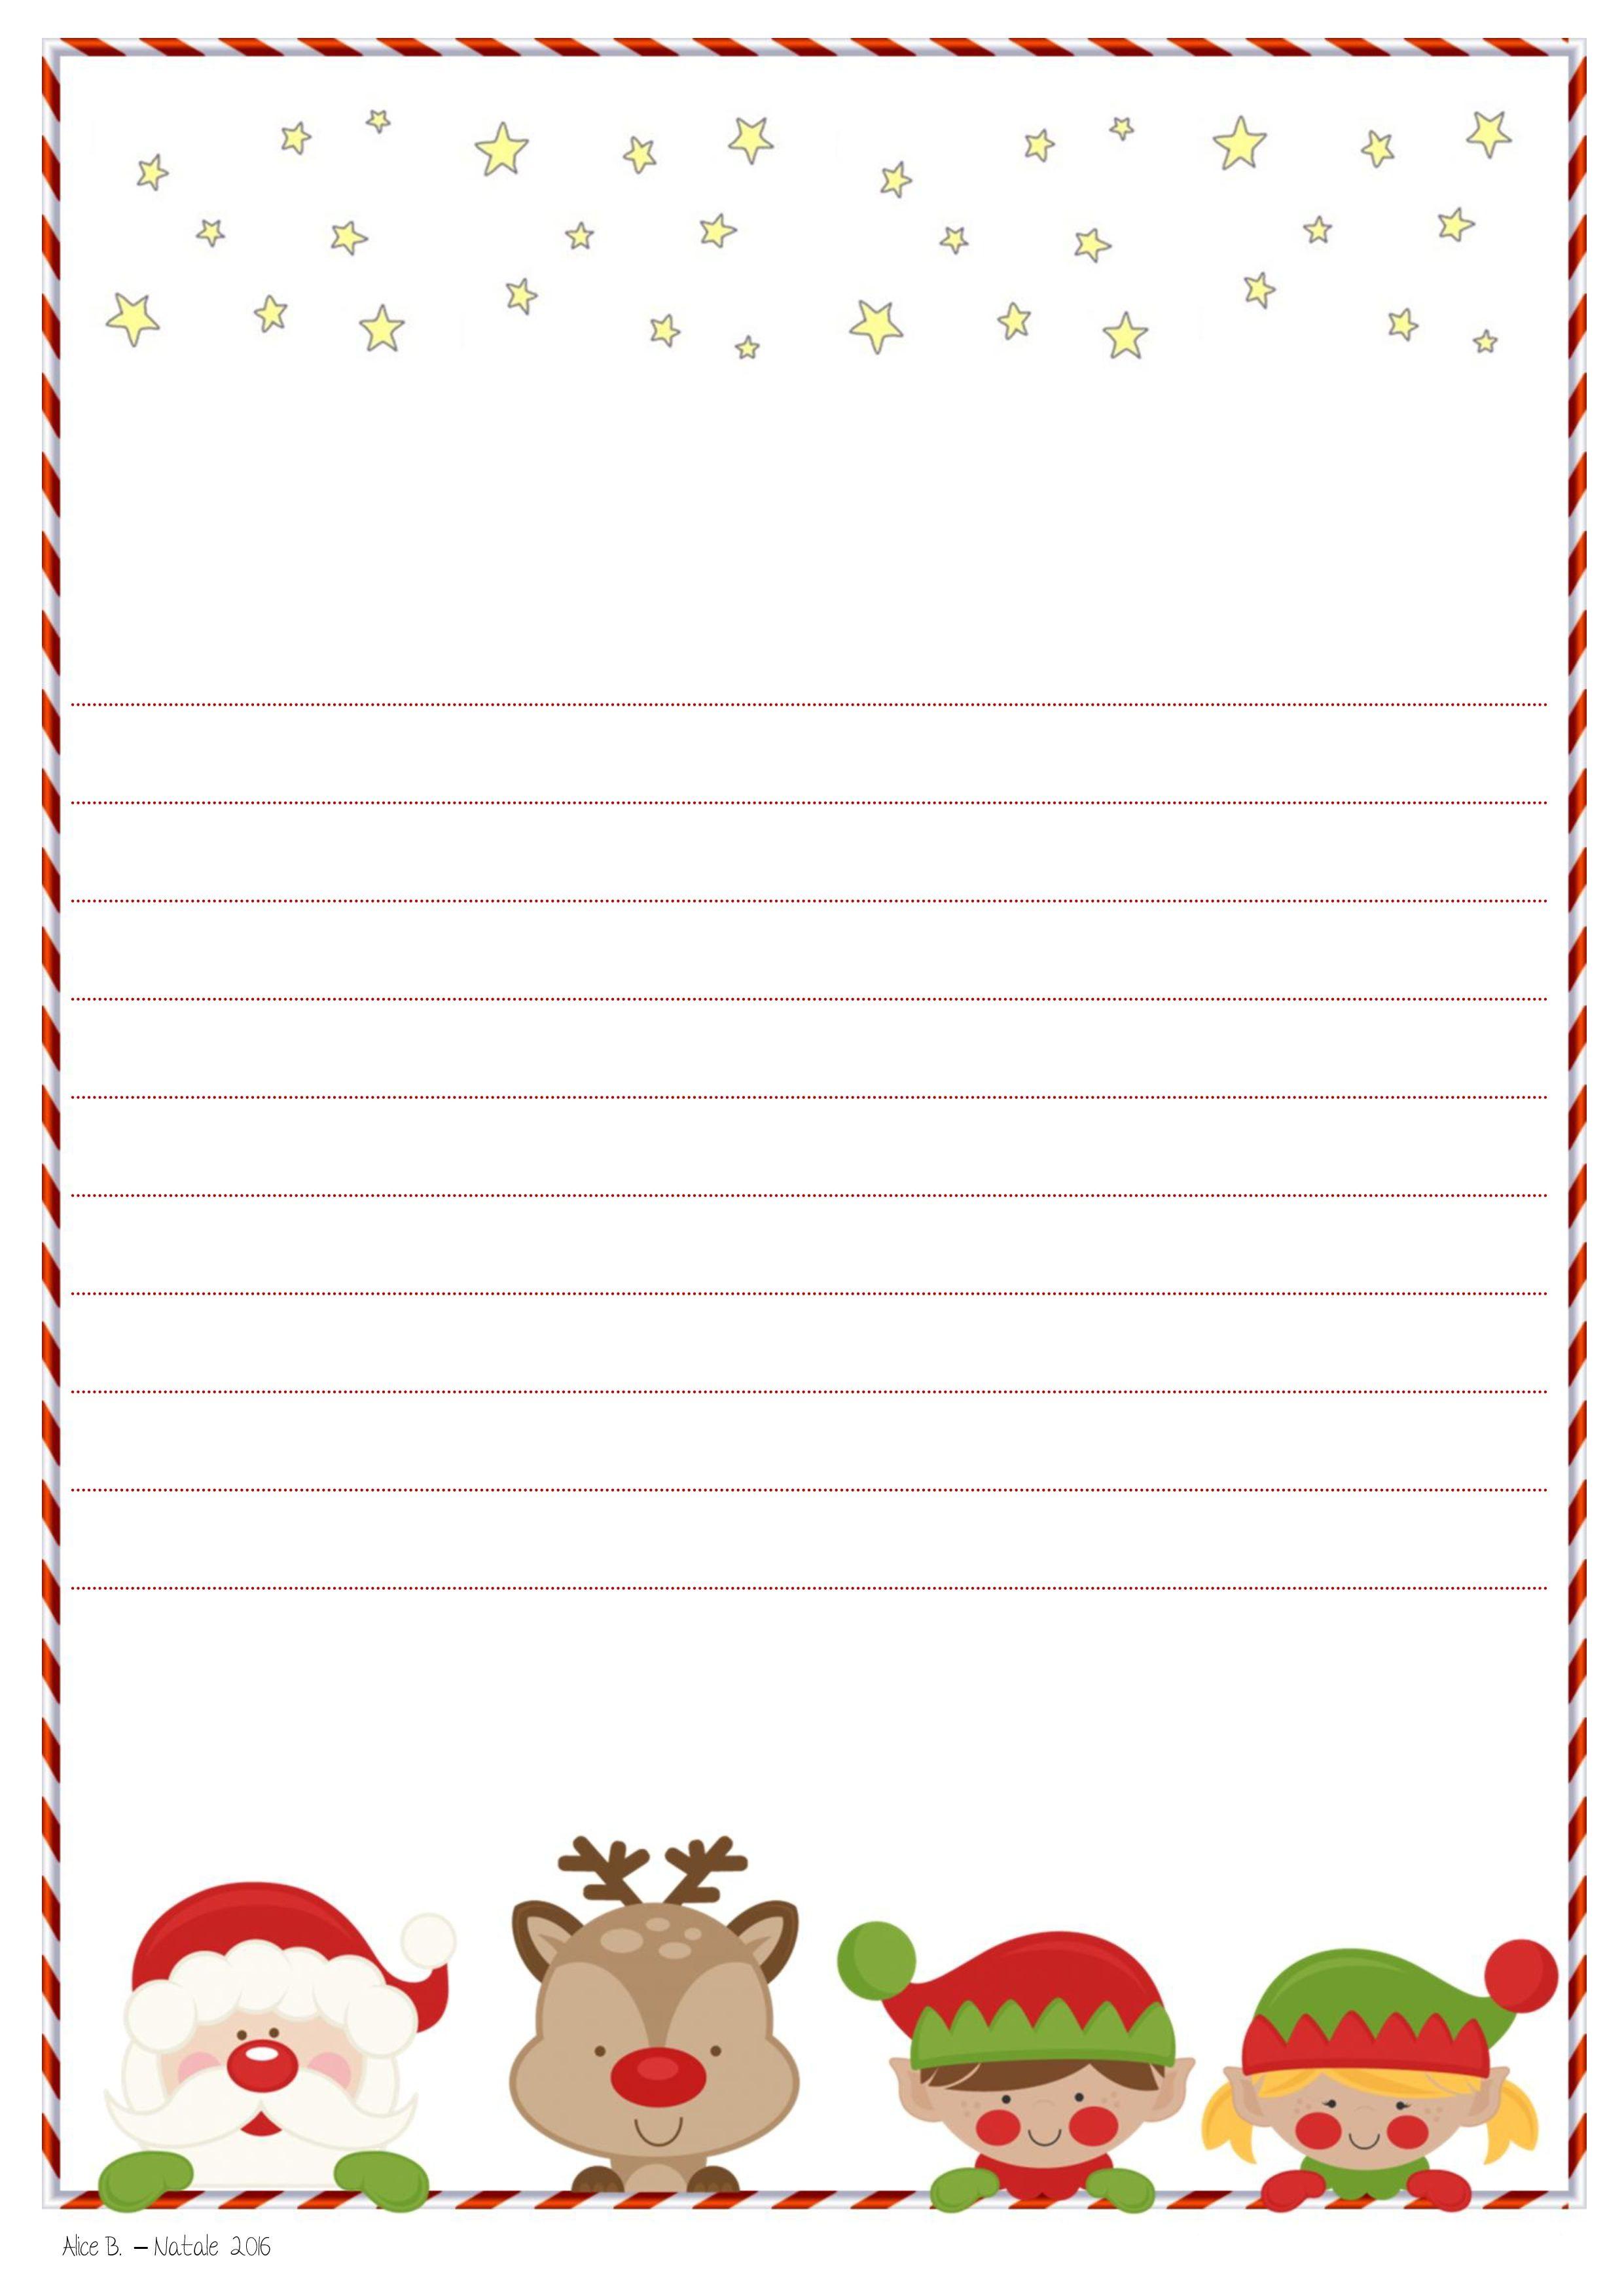 Letterina a Babbo Natale da stampare gratis Alice B